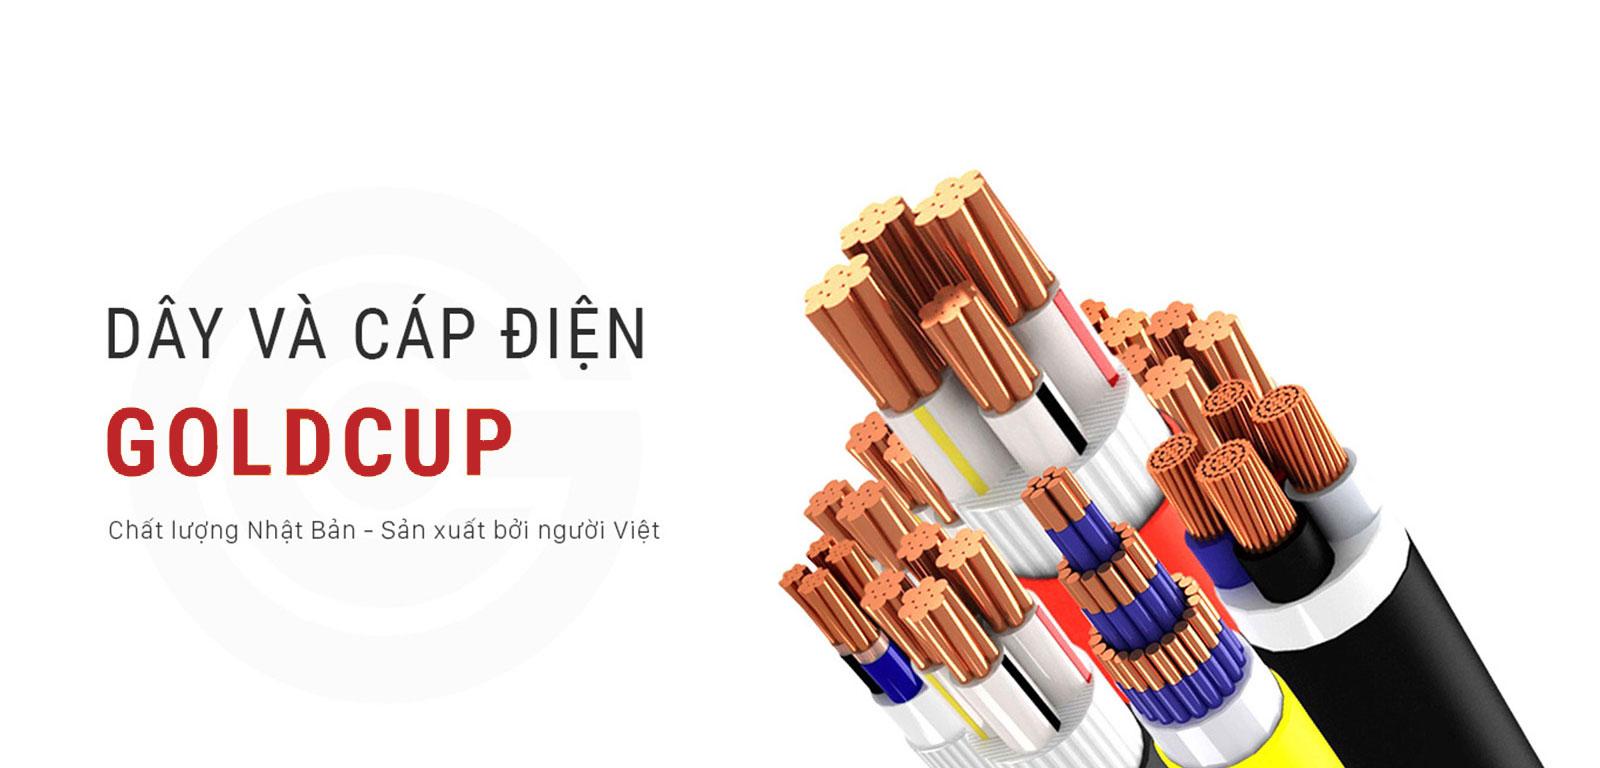 Bảng giá dây điện GoldCup